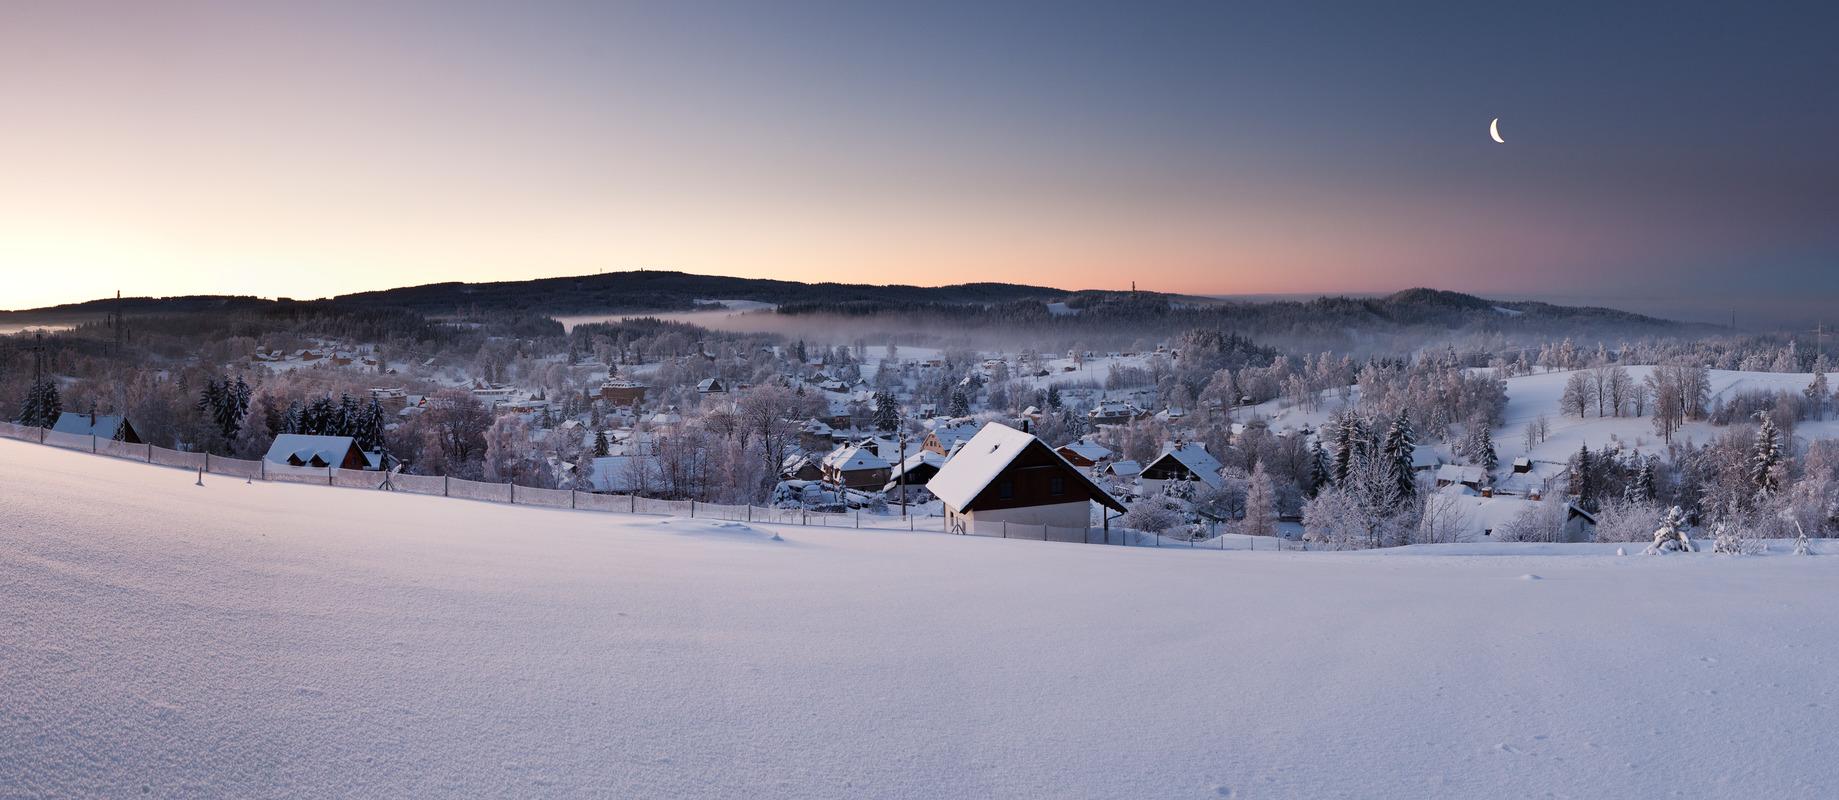 Foto: CzechTourism_STJA-003-jizerske-hory